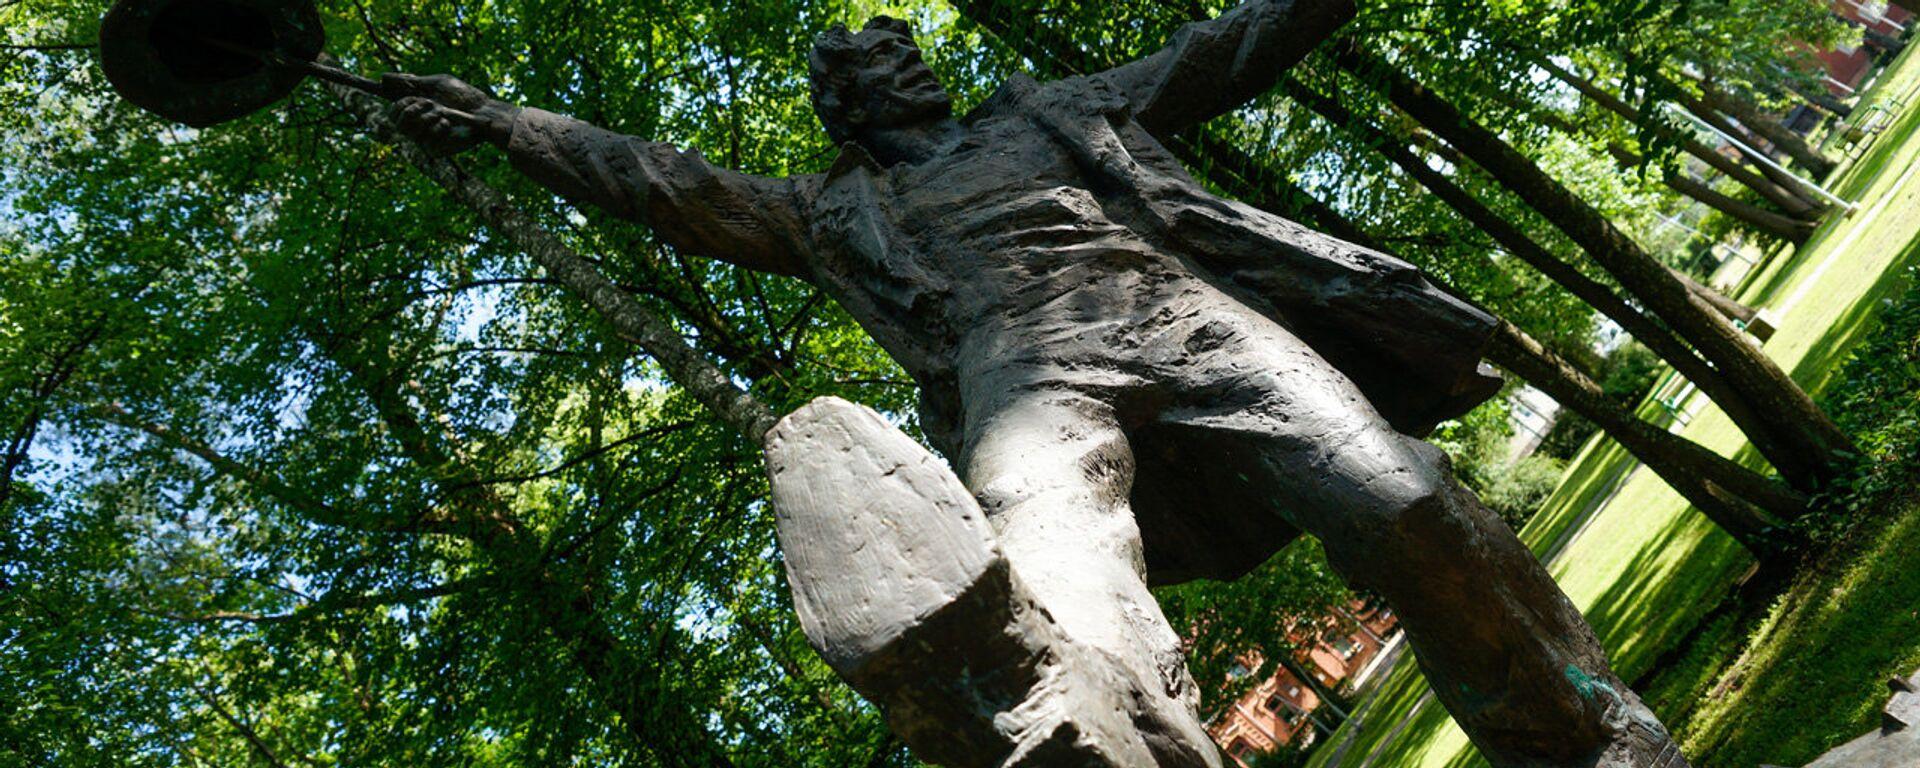 Памятник книжному герою, романтику Томасу Нипернаади в Валге - Sputnik Латвия, 1920, 08.12.2017